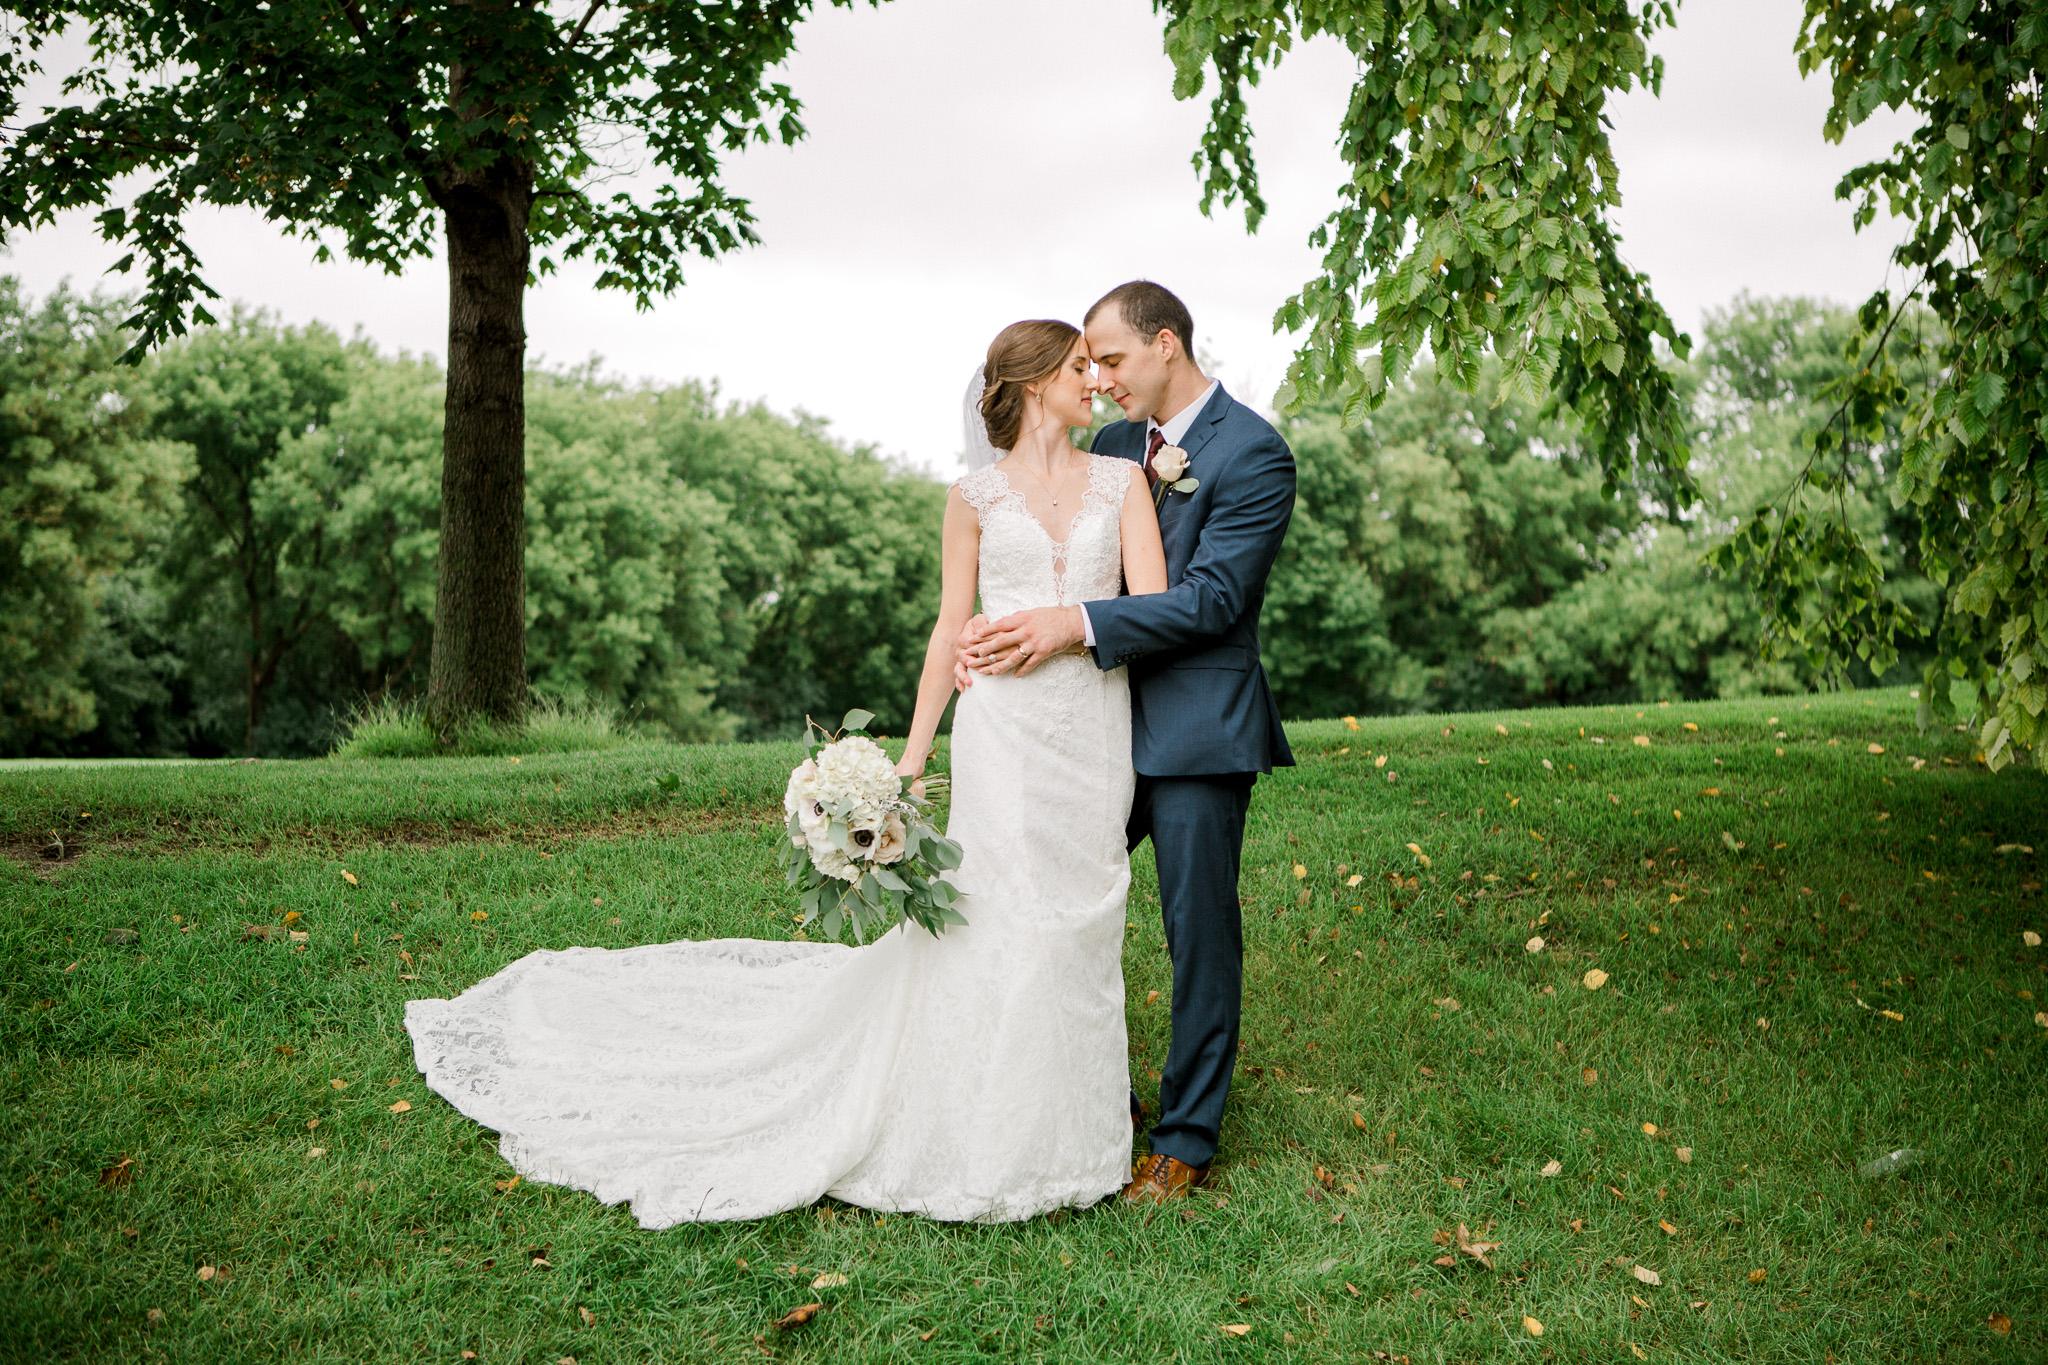 SNEAKPEEK-2018.08.25 Dana and John Wedding-7.jpg